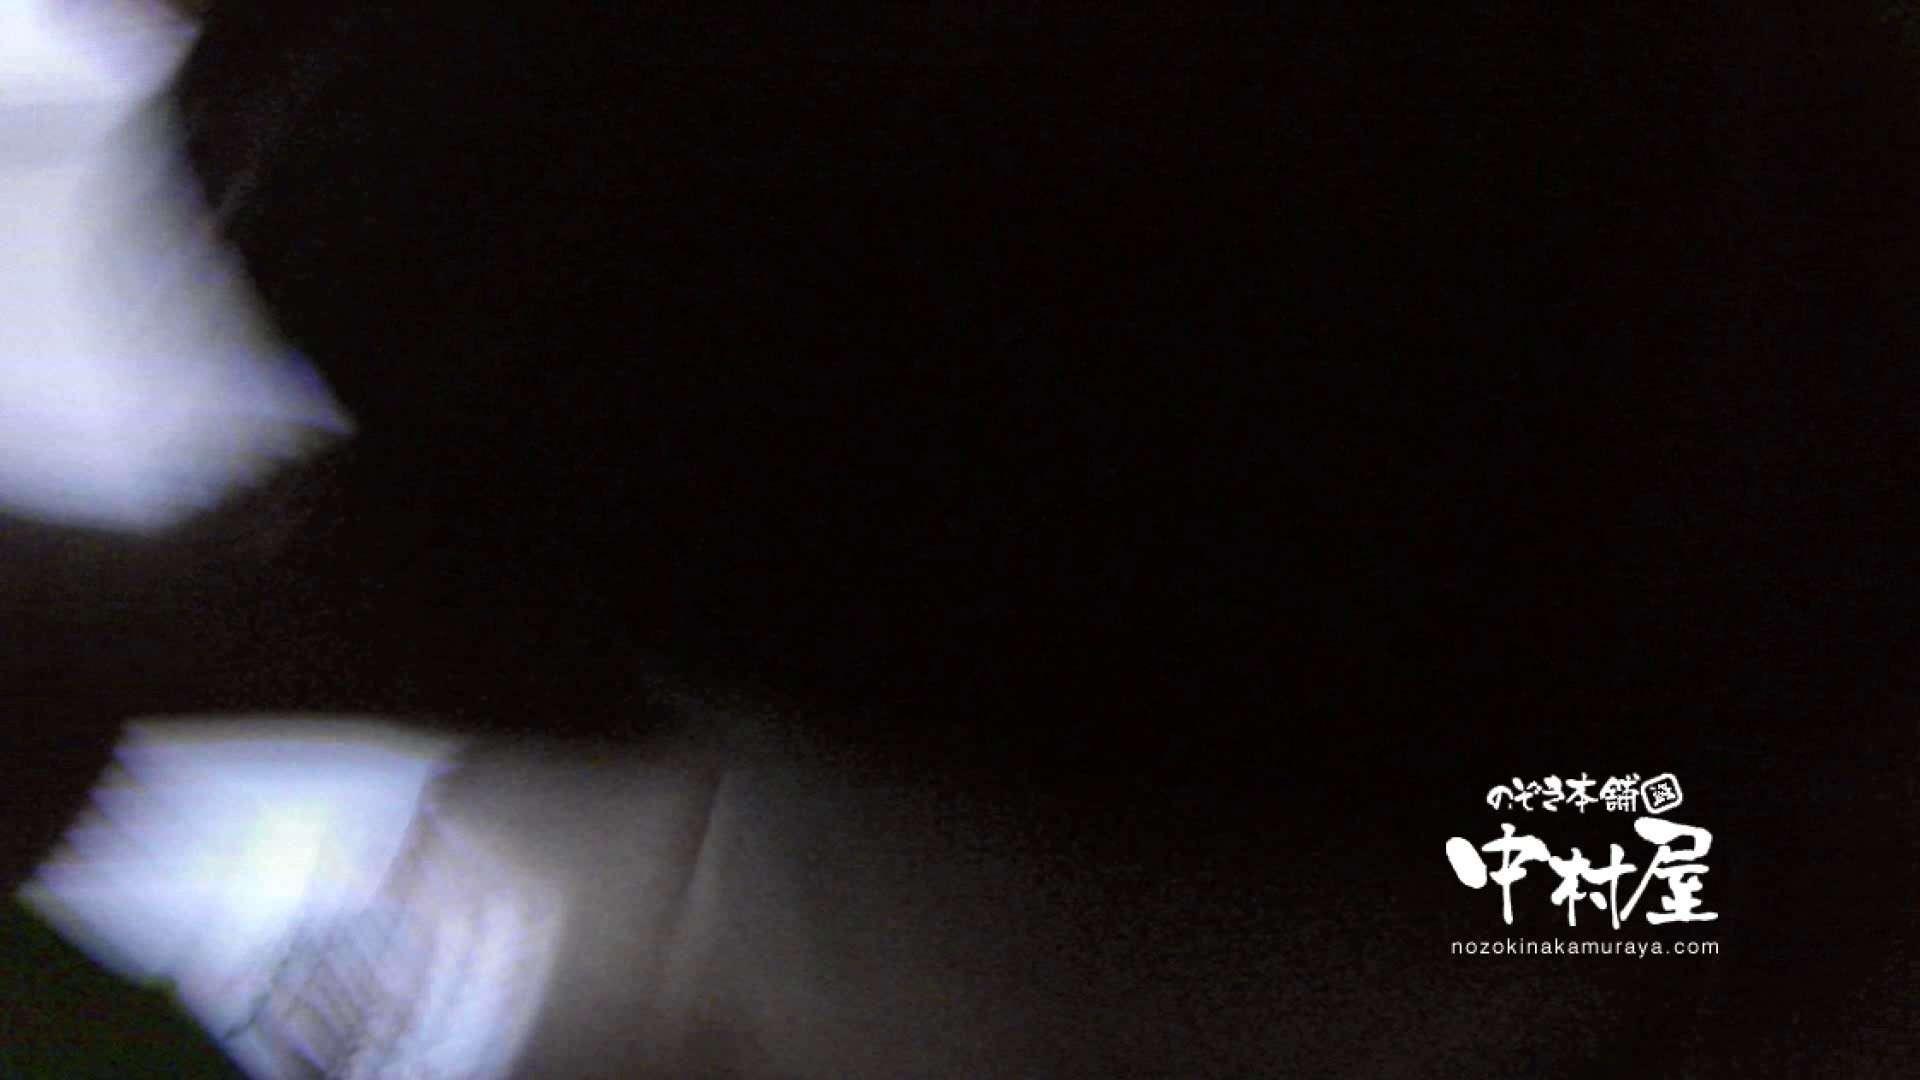 鬼畜 vol.12 剥ぎ取ったら色白でゴウモウだった 後編 鬼畜   OLすけべ画像  83連発 65